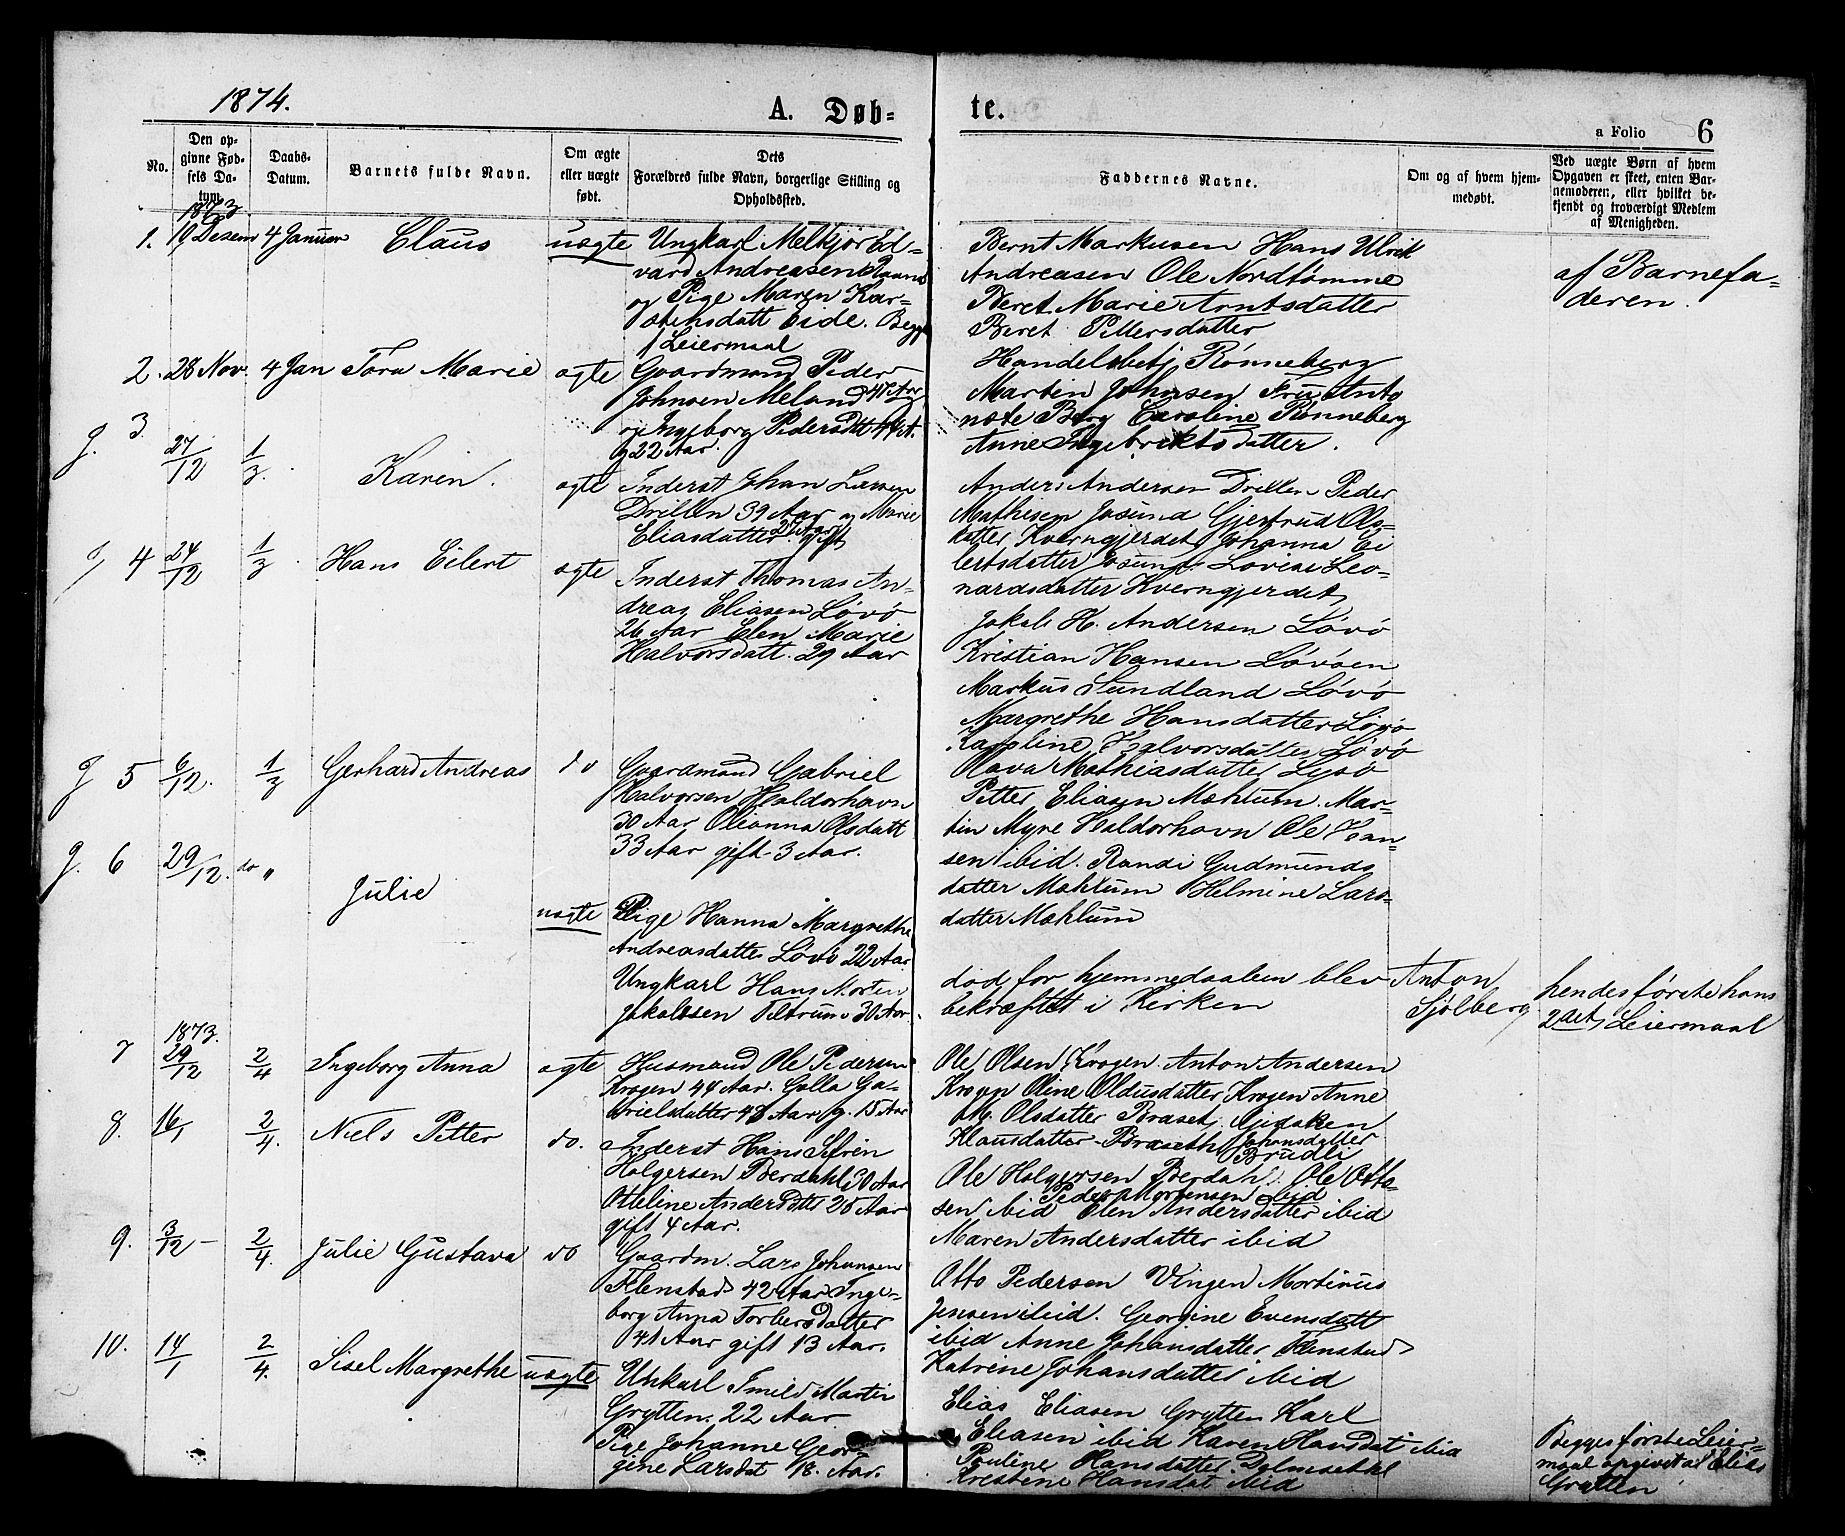 SAT, Ministerialprotokoller, klokkerbøker og fødselsregistre - Sør-Trøndelag, 655/L0679: Ministerialbok nr. 655A08, 1873-1879, s. 6